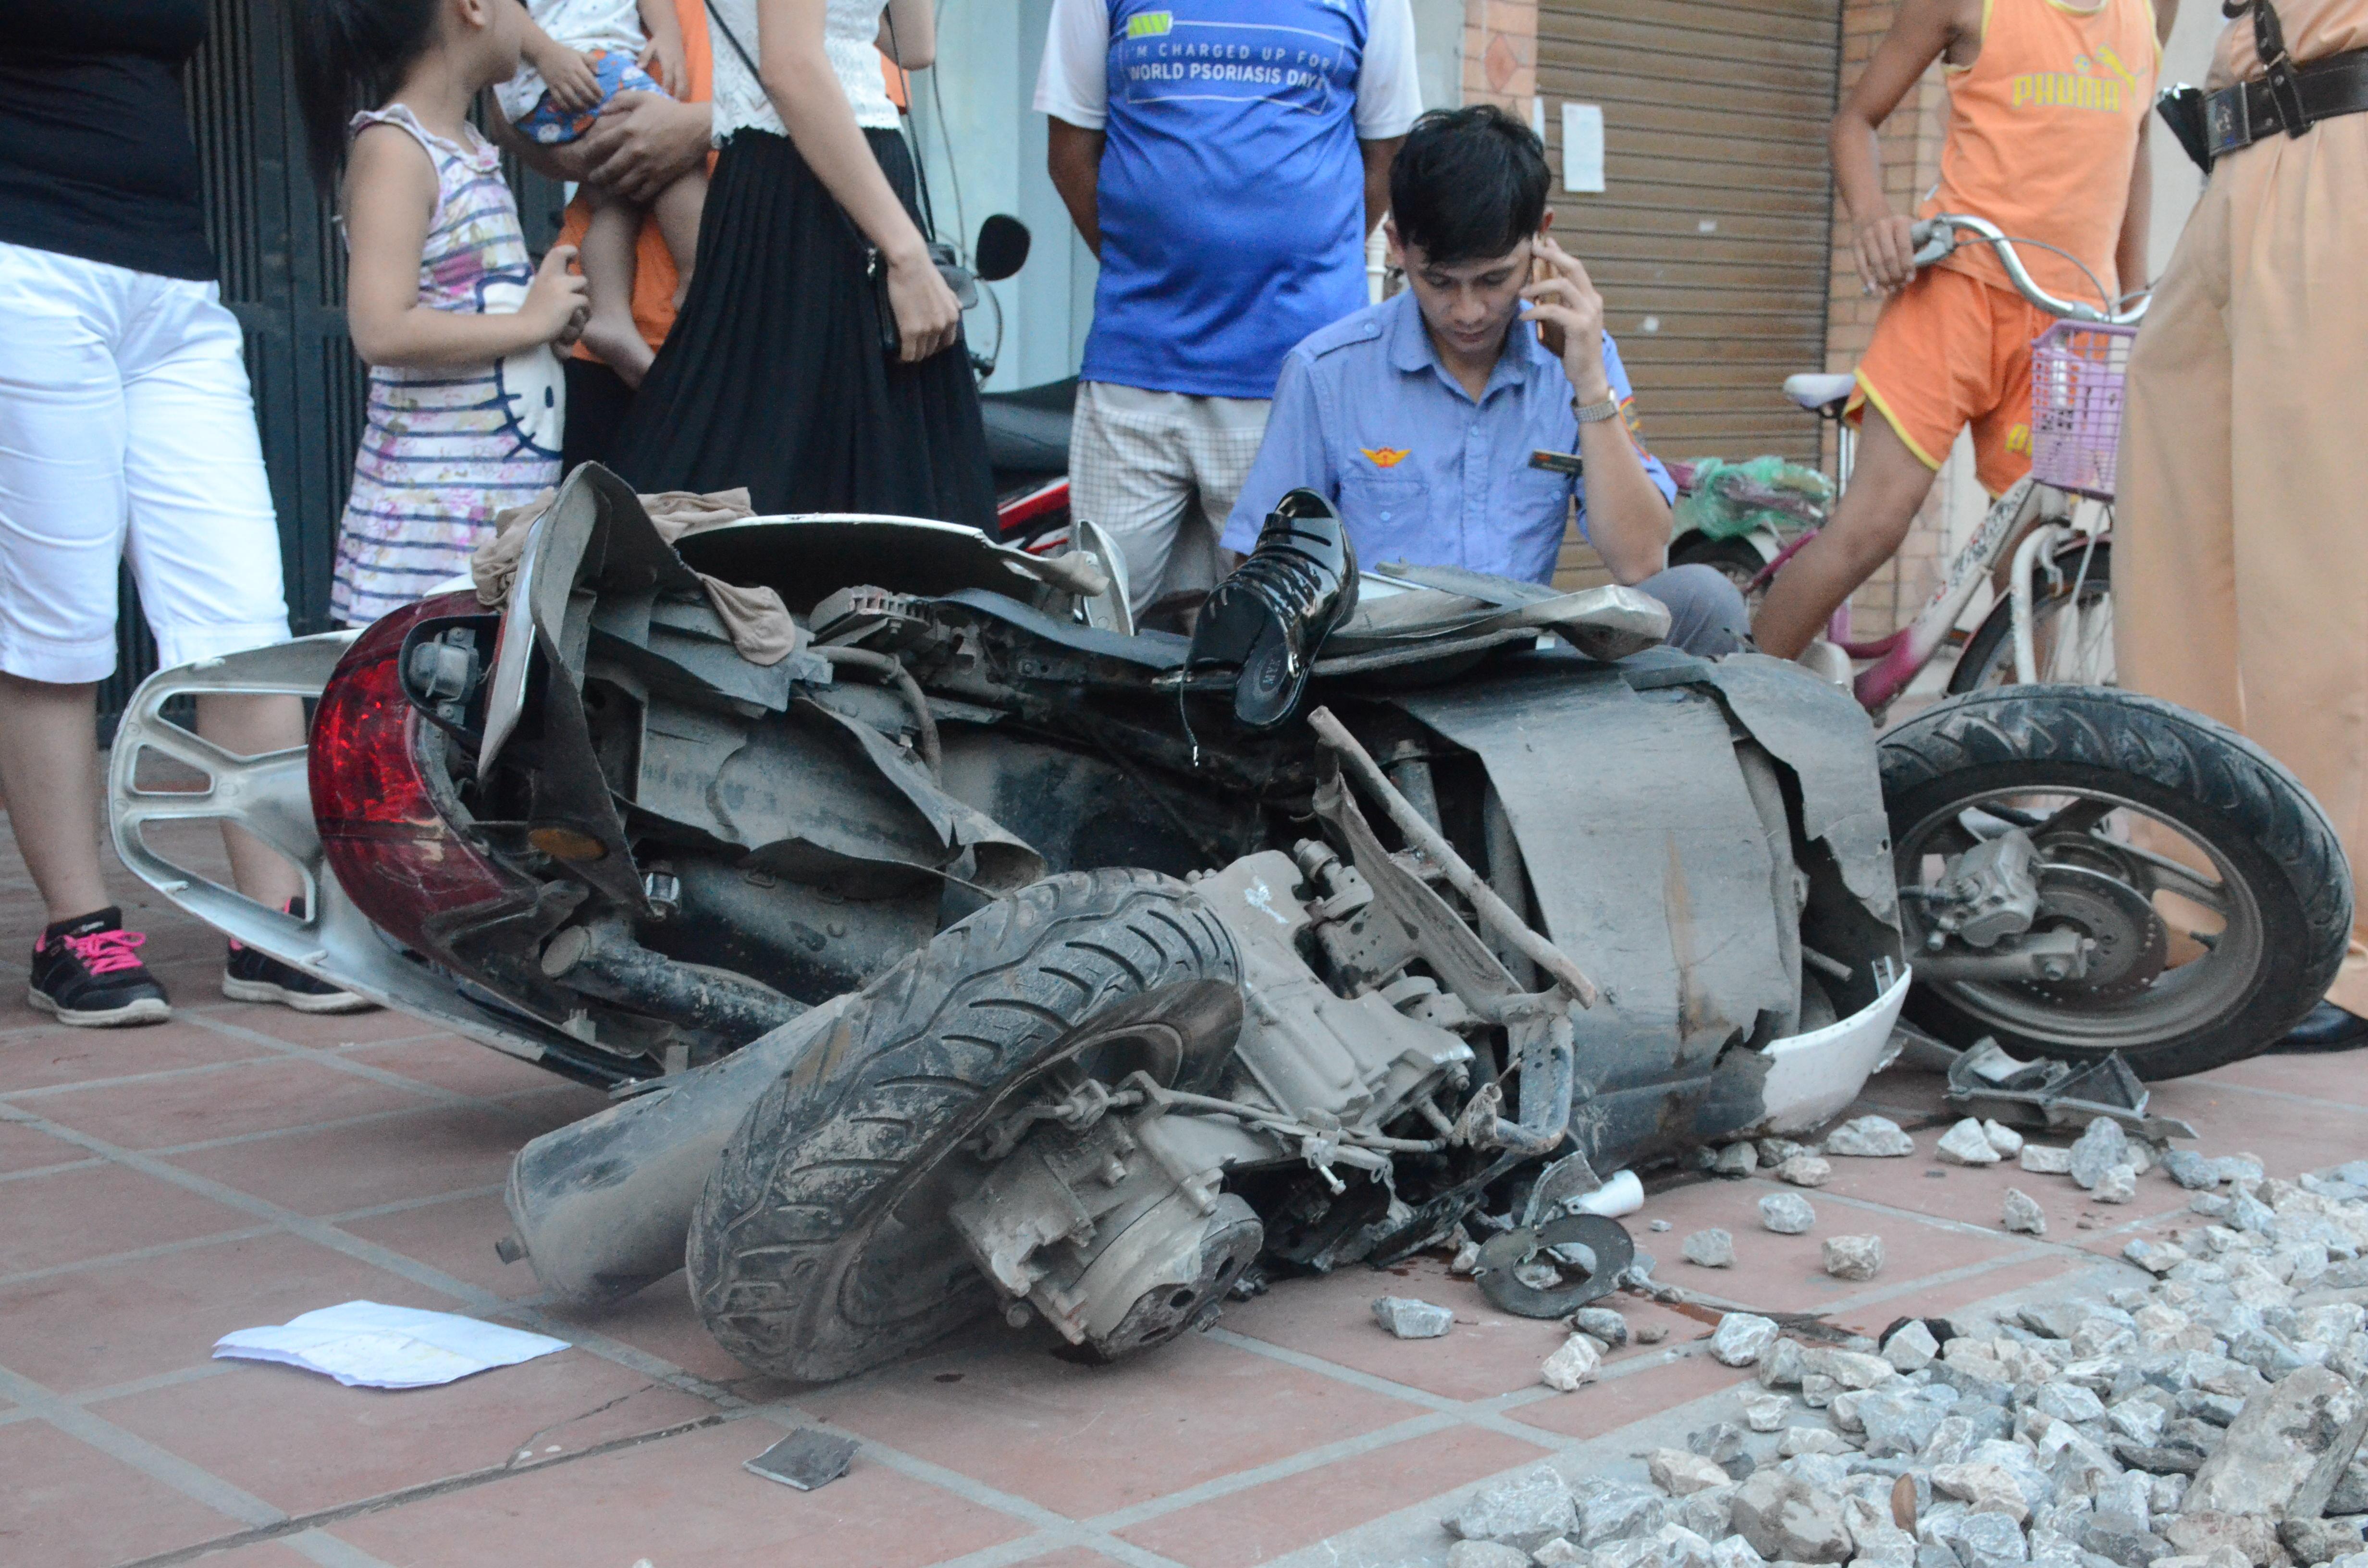 Hà Nội: Băng qua đường sắt trên phố Lê Duẩn, người phụ nữ bị tàu hỏa tông trúng, kéo lê gần 20 mét - Ảnh 3.